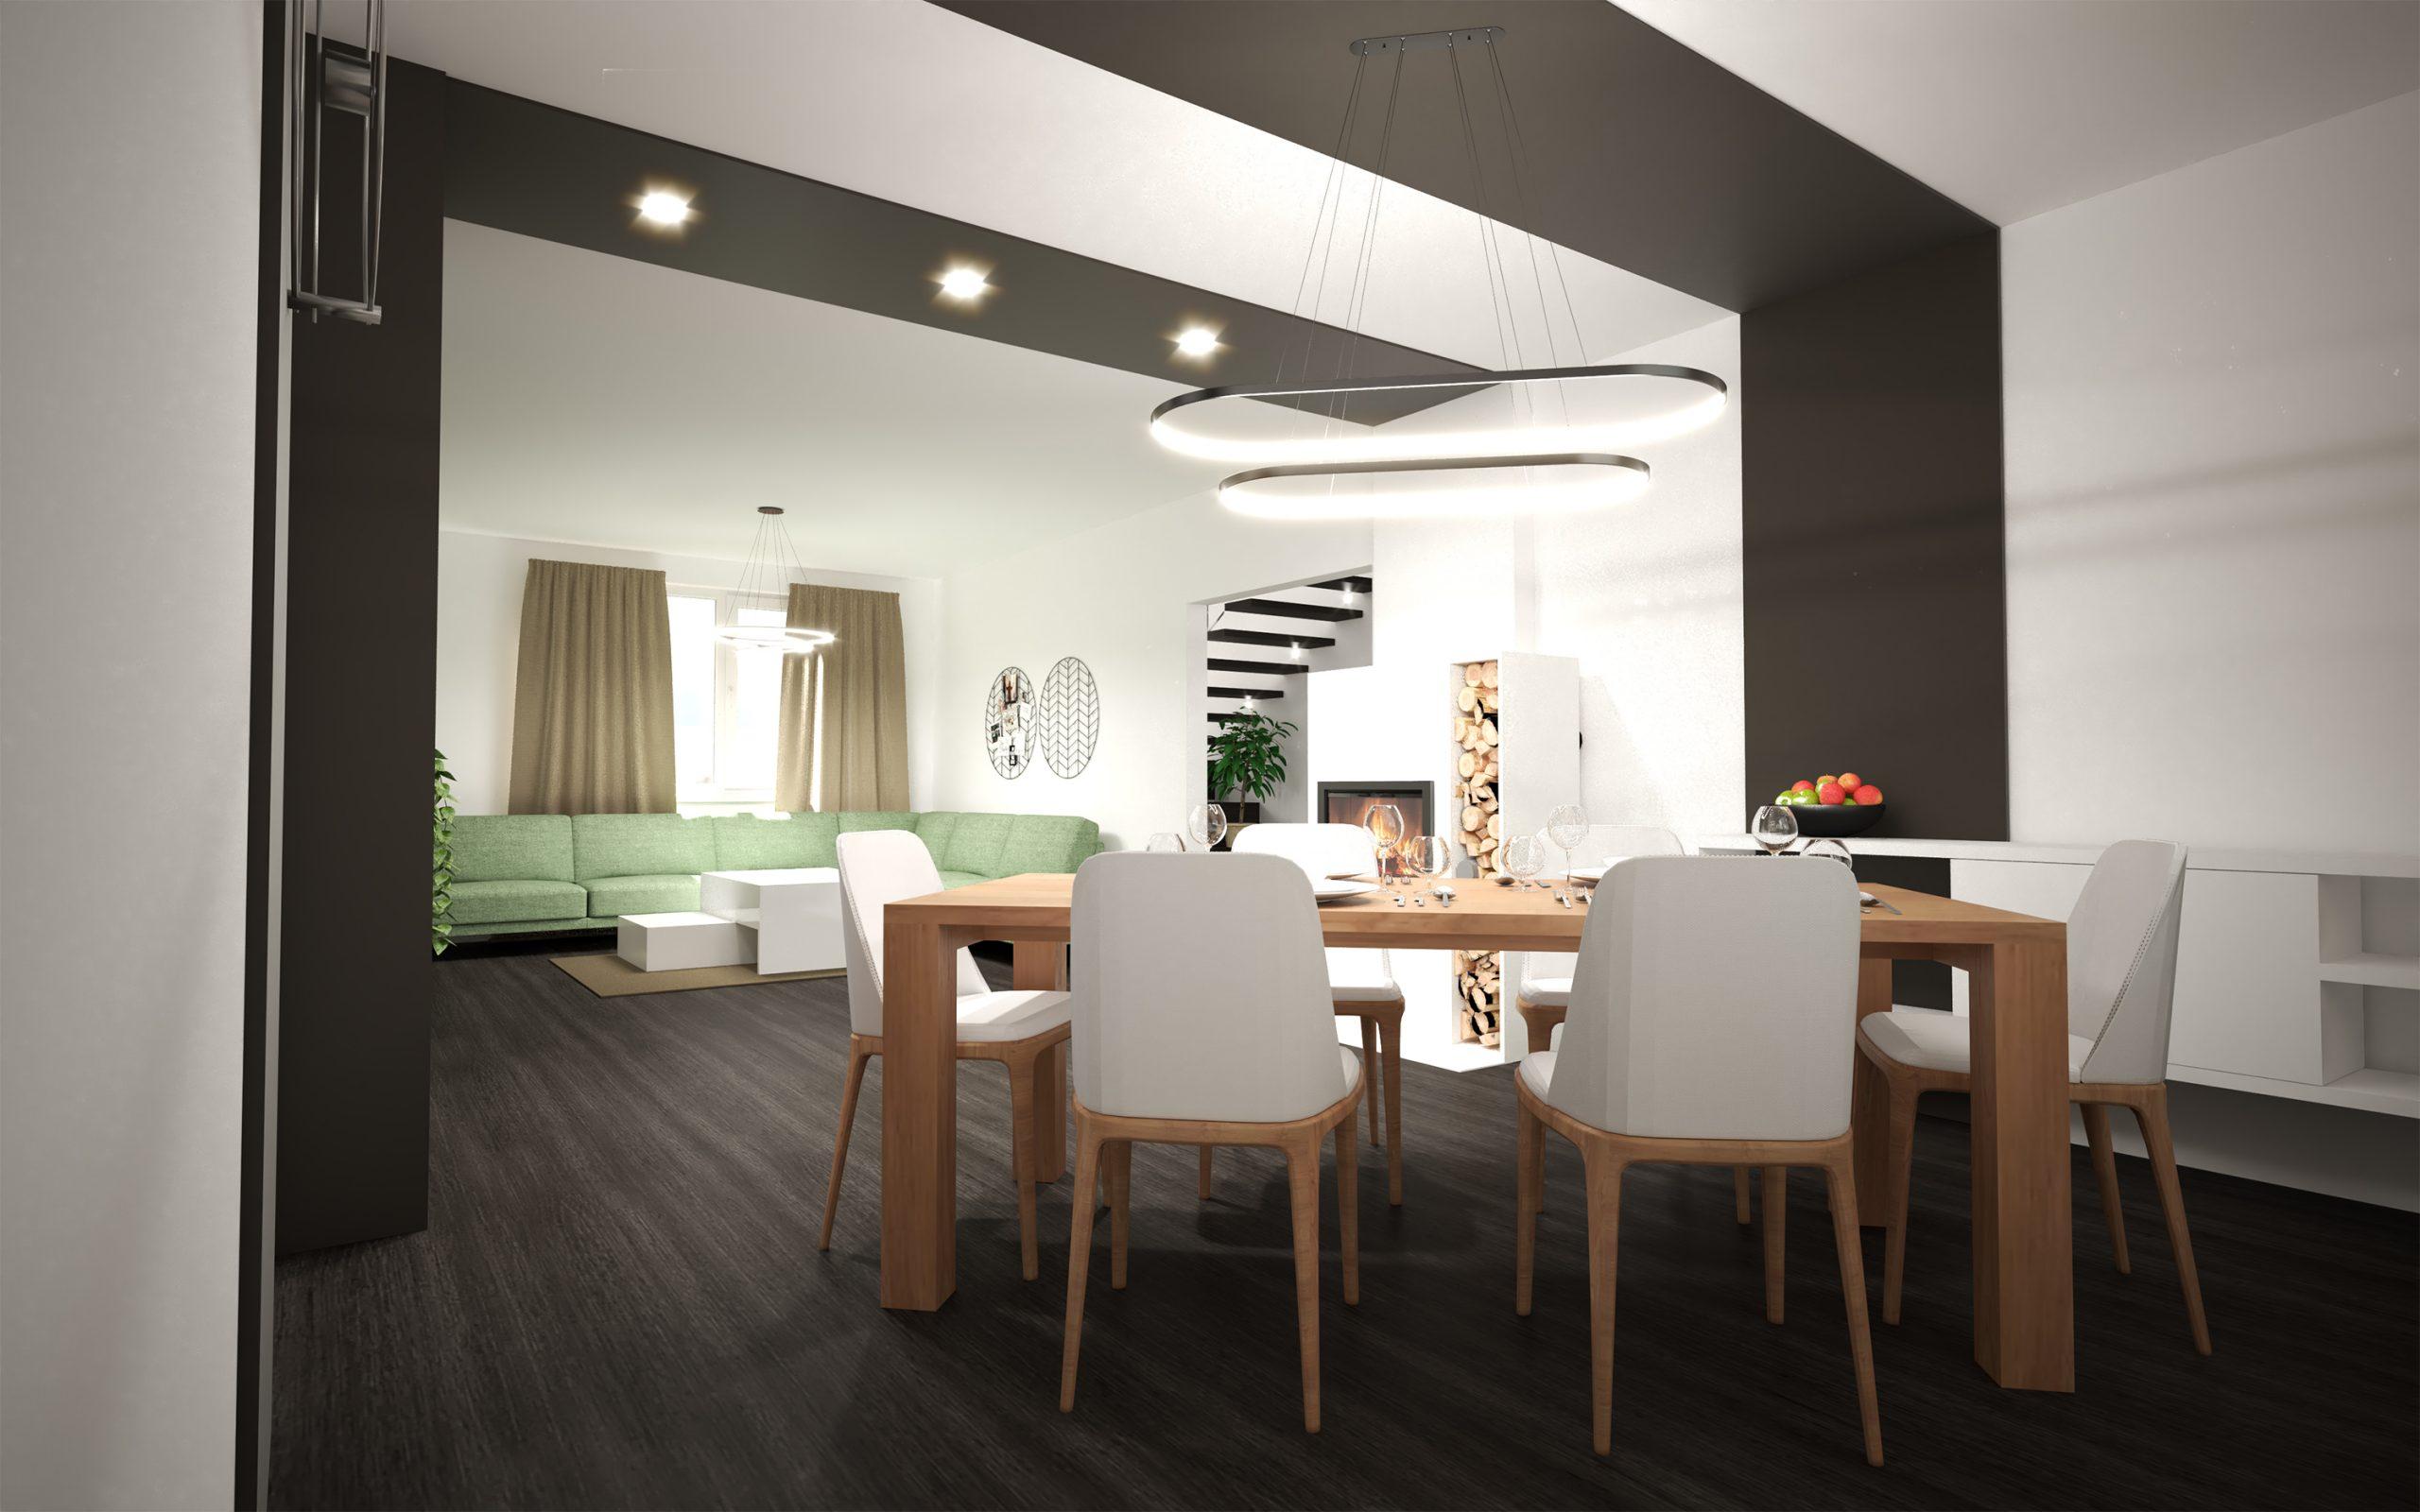 Návrh interiéru obývacej izby s jedálňou (White/Dark)